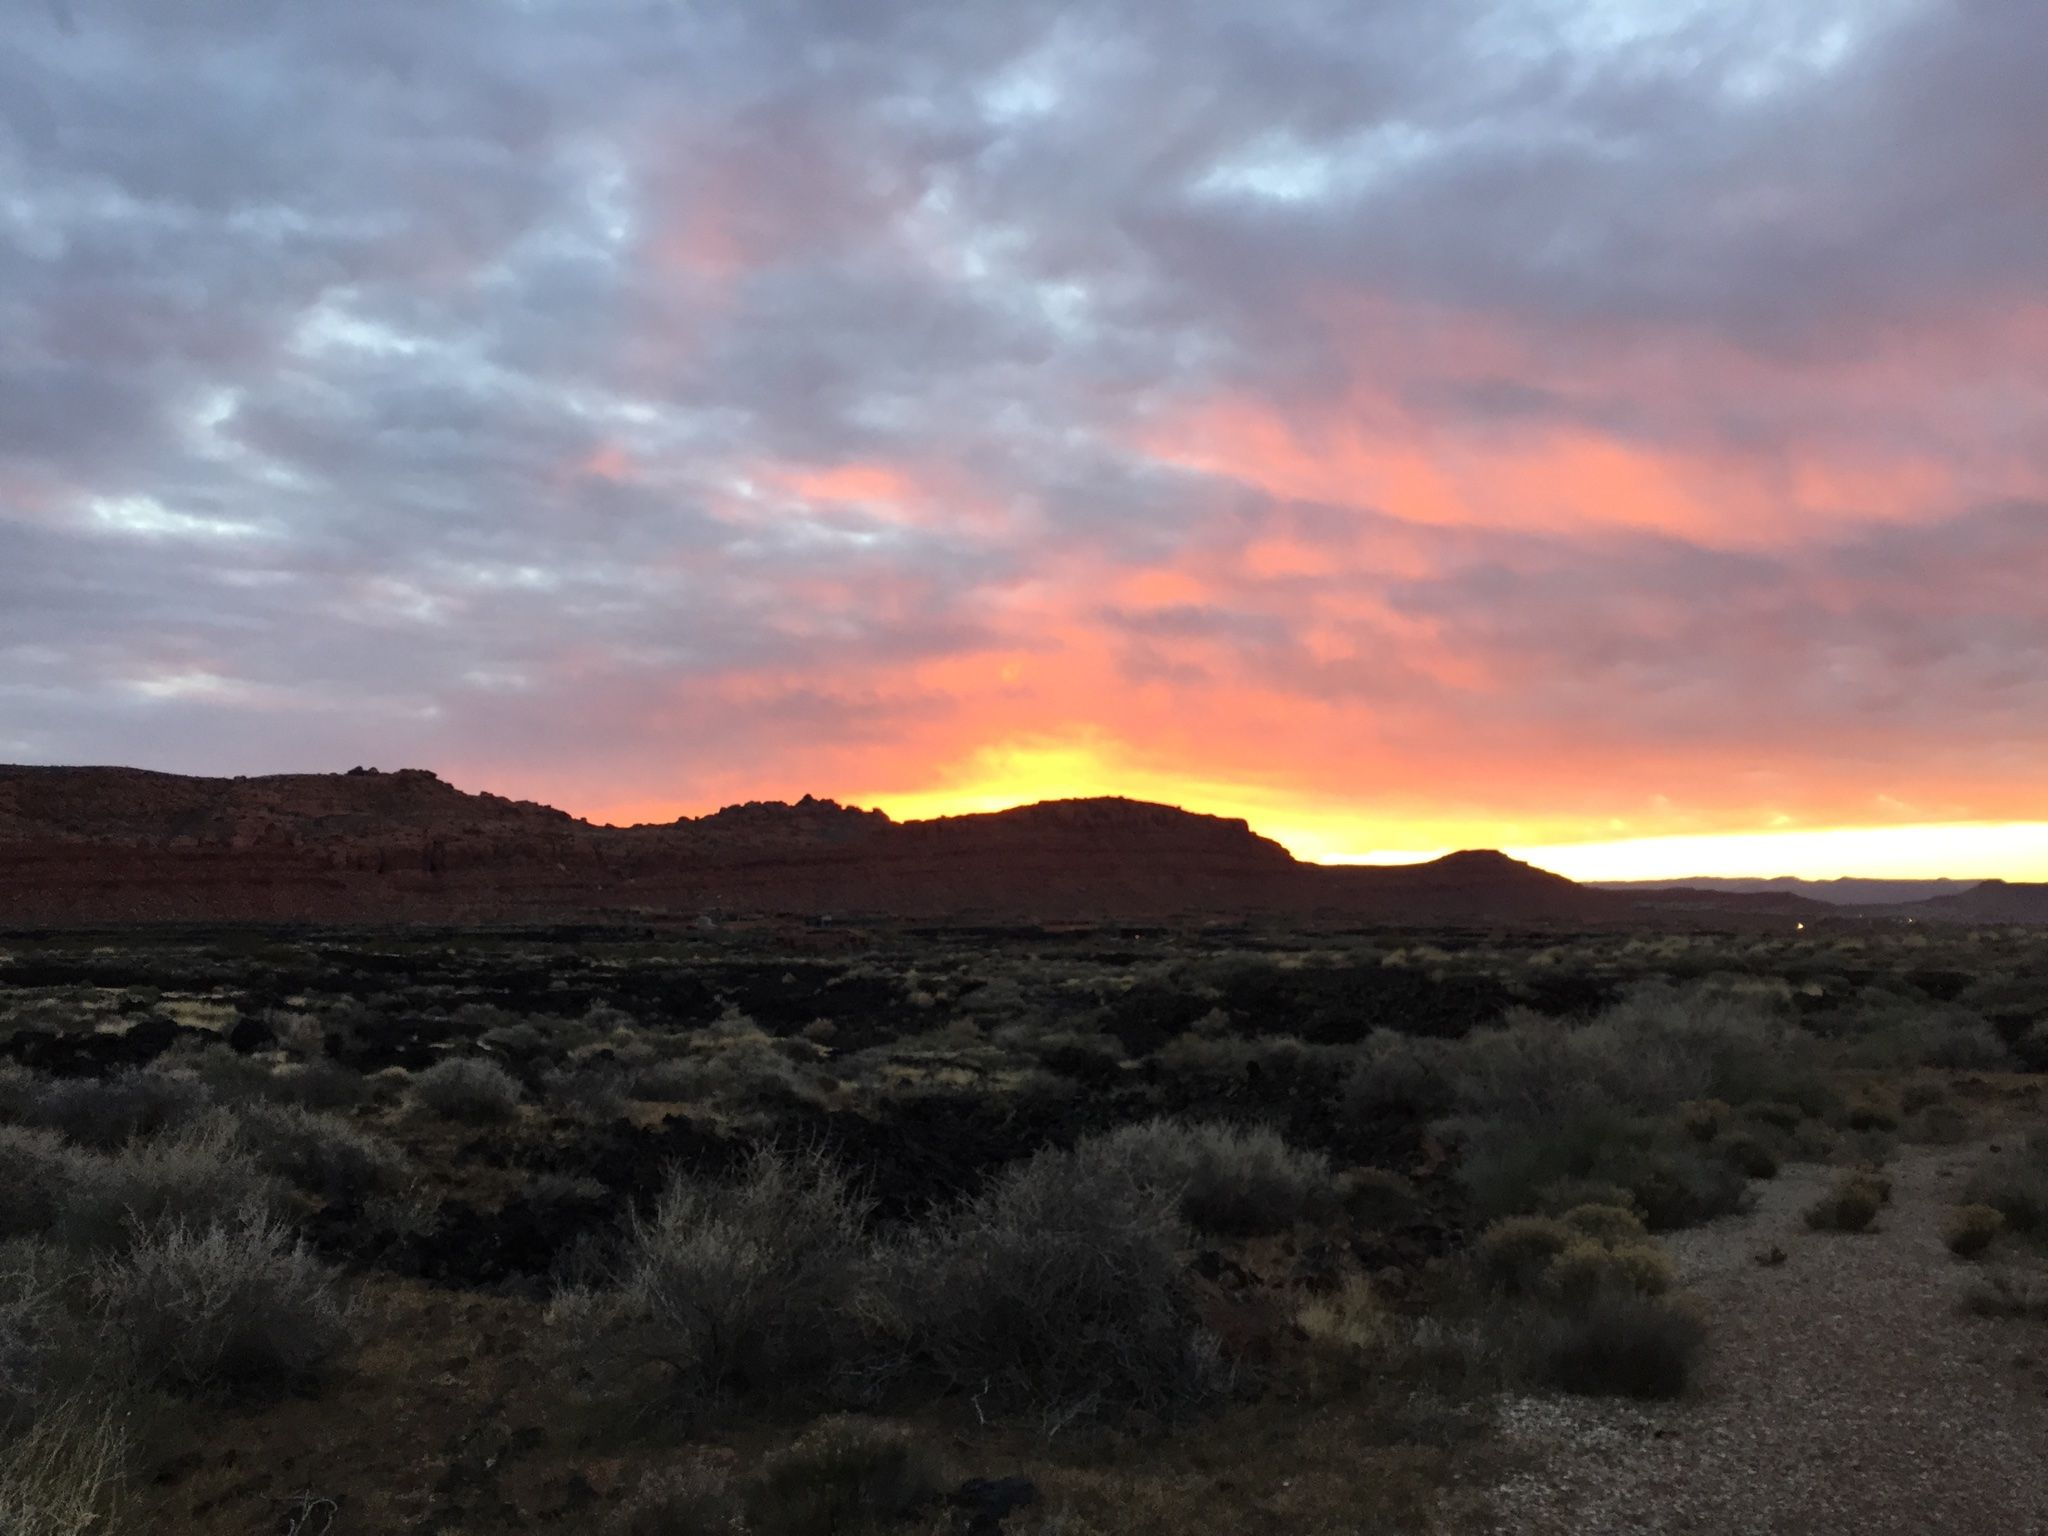 Utah Weekend Getaways: Red Mountain Resort in Ivins